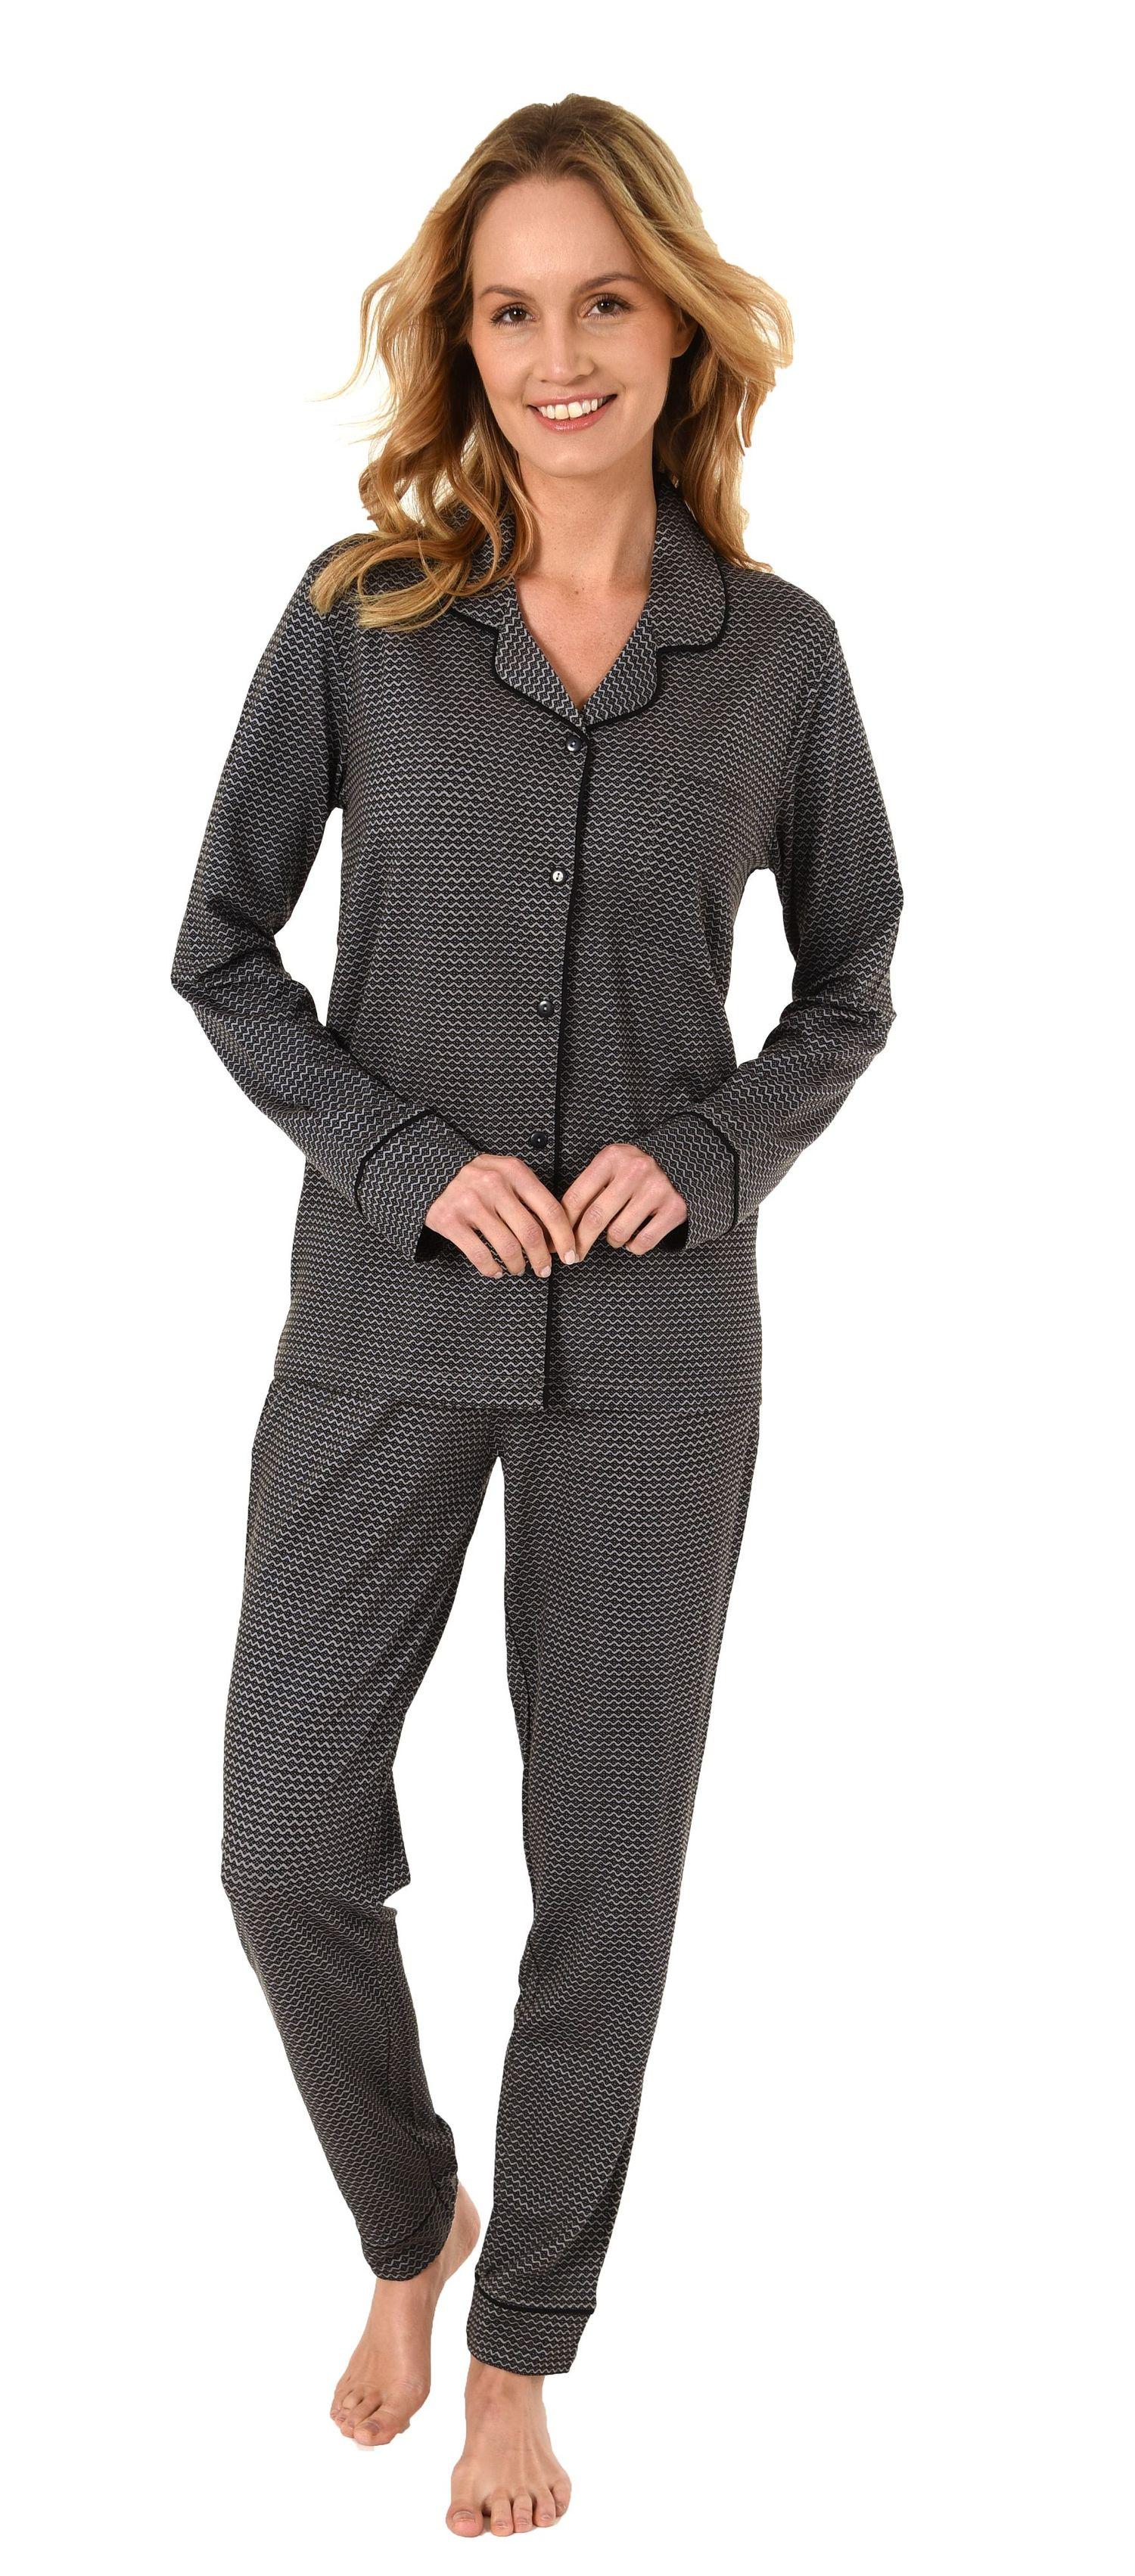 online store 678df ea07a Edler Damen Pyjama, Schlafanzug langarm zum Knöpfen in Single Jersey - 281  201 90 350